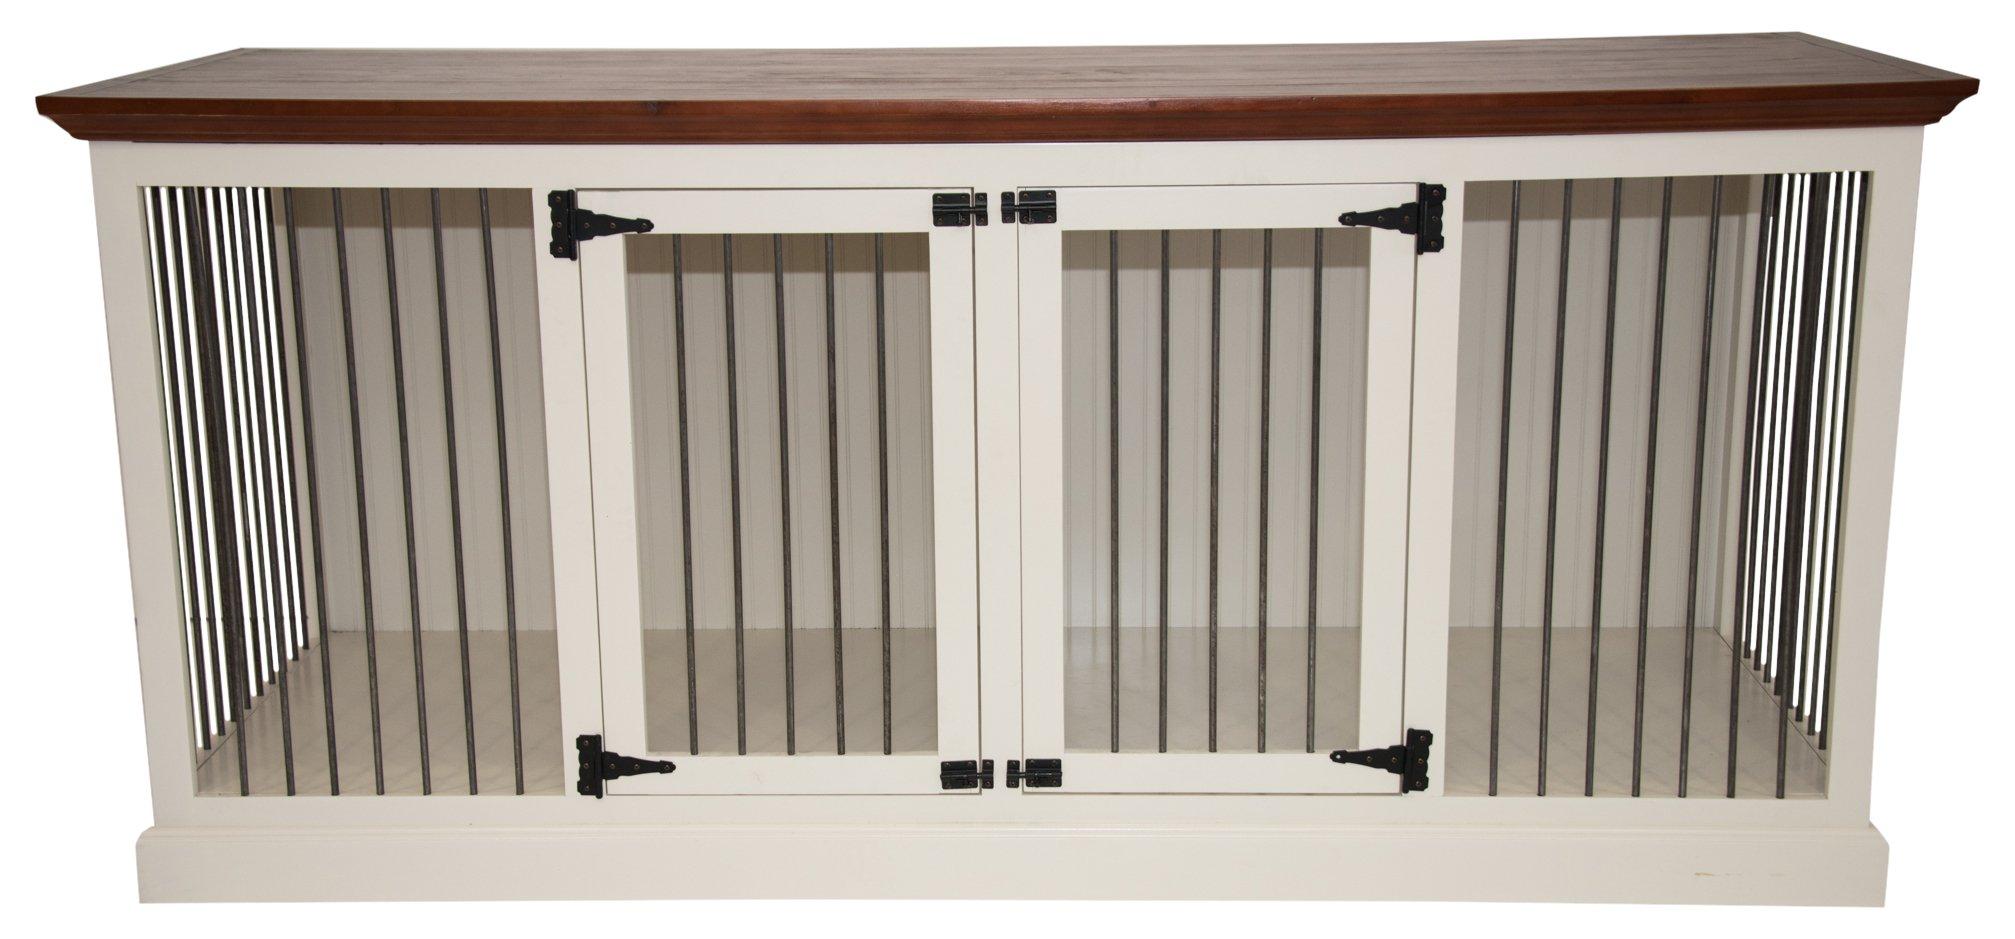 Eagle Furniture Manufacturing K9LD-403187-IVHG K9 Crate, European Ivory